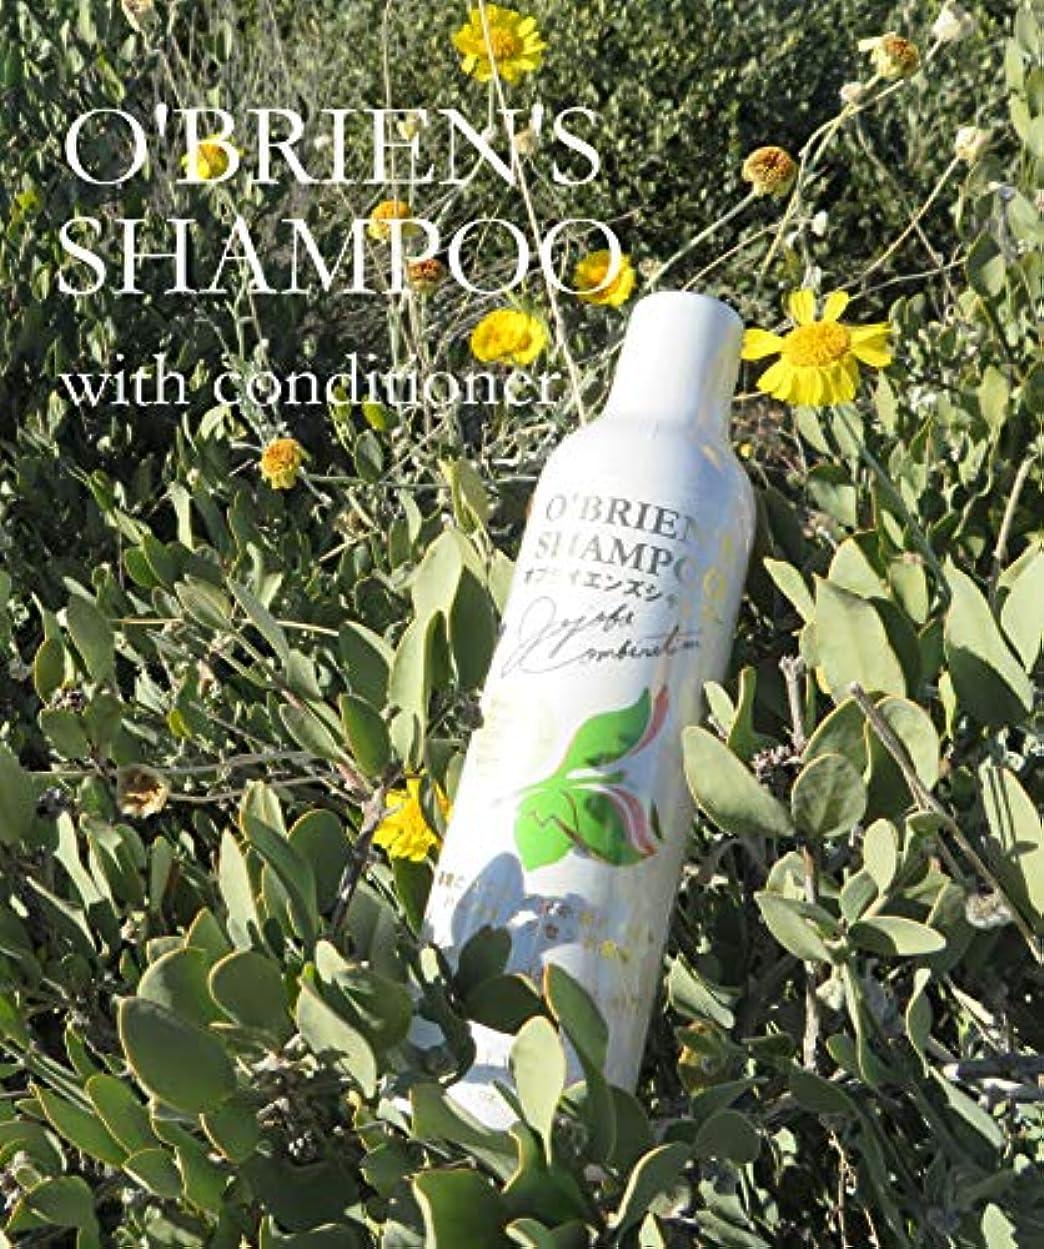 土砂降りダウンリルオブライエンズシャンプー O'BRIEN'S SHAMPOO